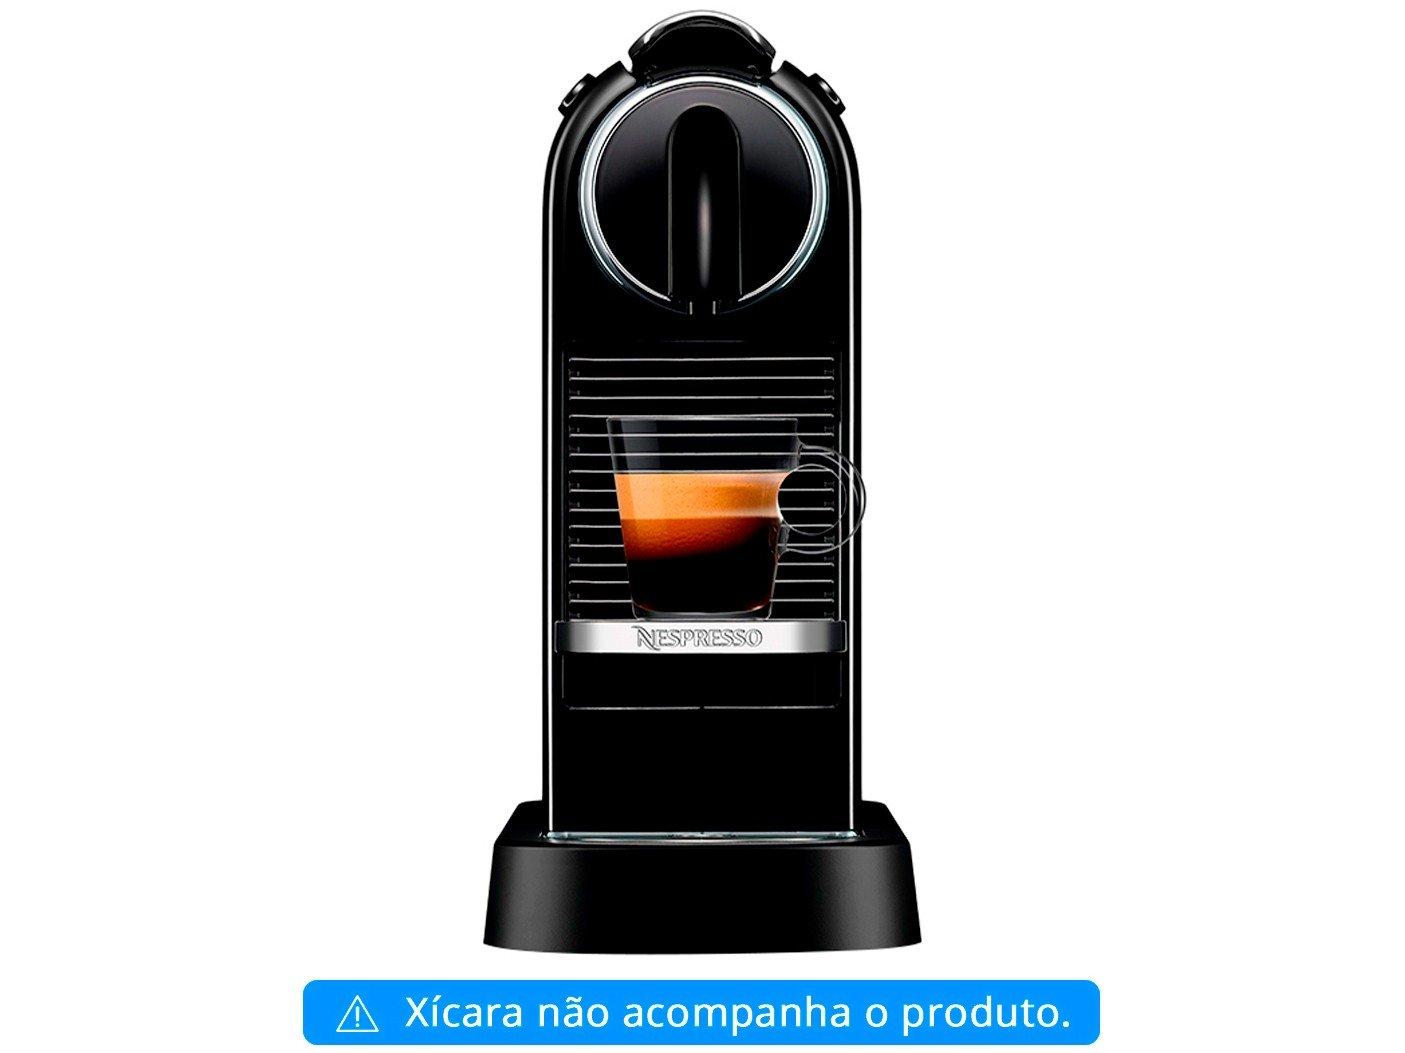 Máquina de Café Nespresso Citiz D113 com Kit Boas Vindas – Preta - 110V - 4